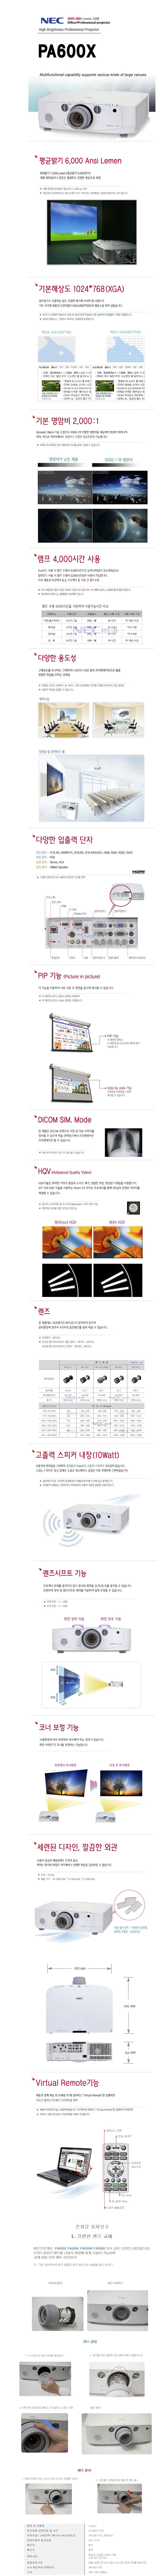 projectorcentral_com_20121207_101202.jpg